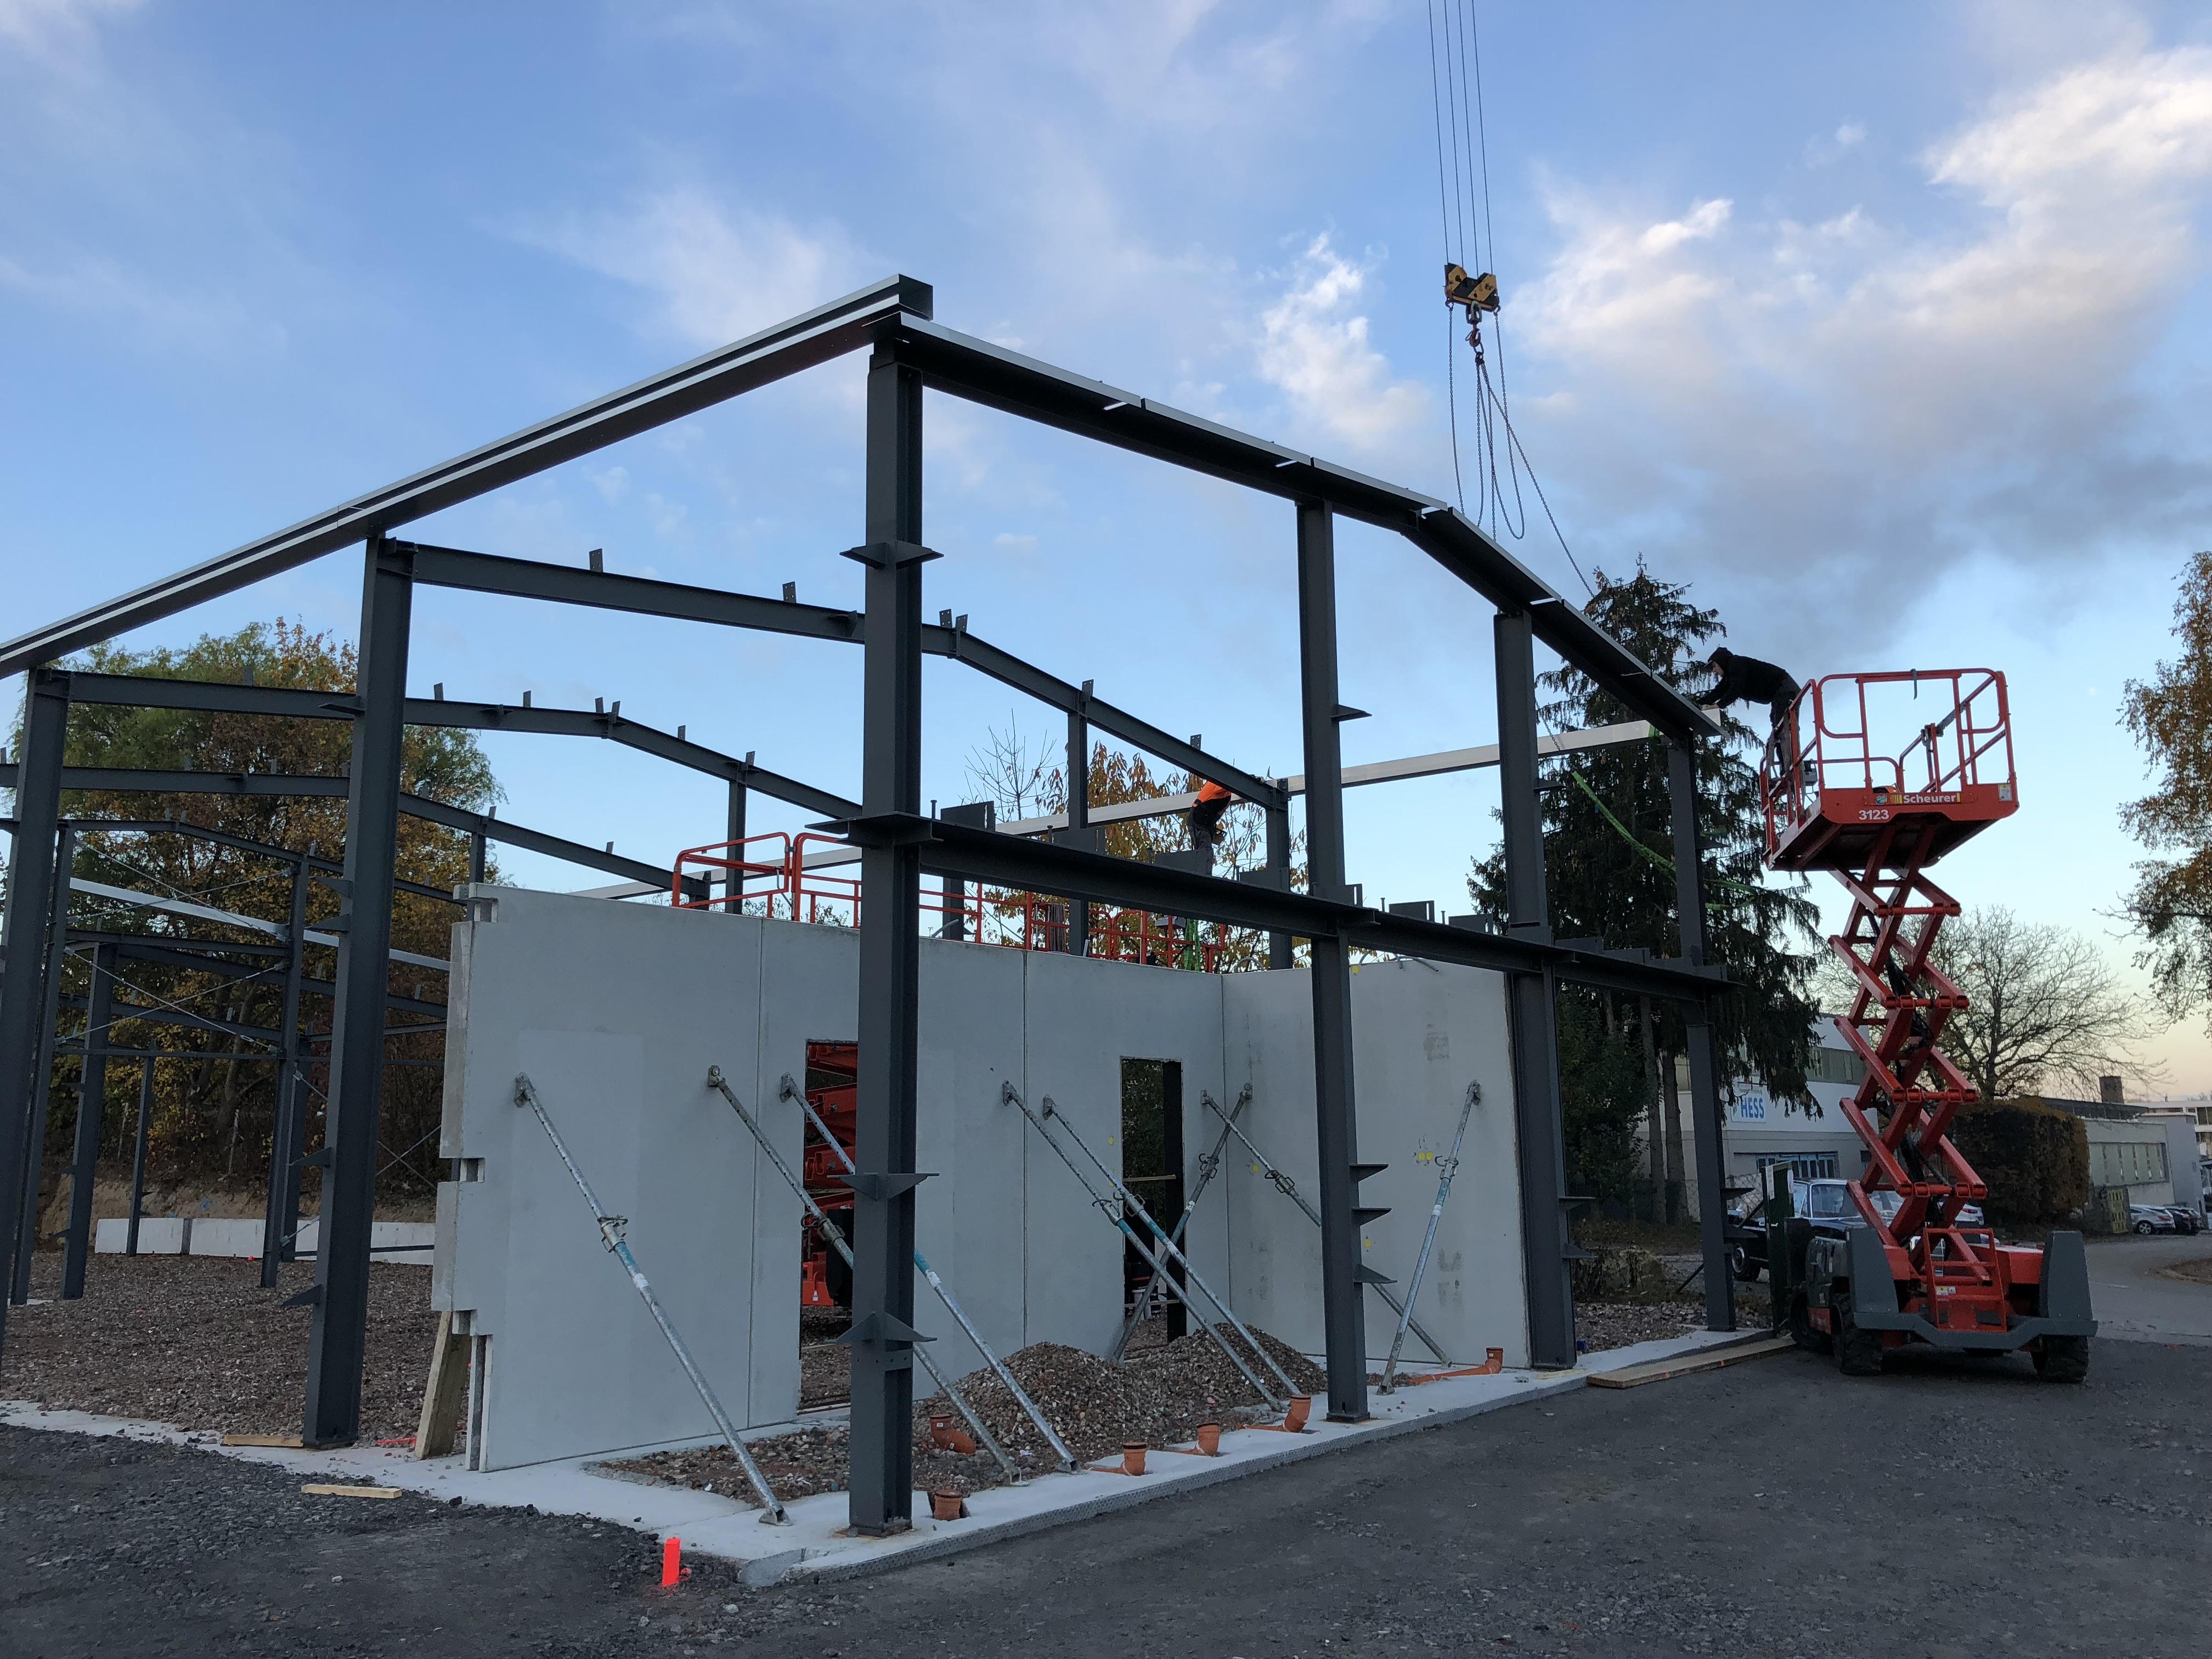 2018-11-07 Stahlbau (2)